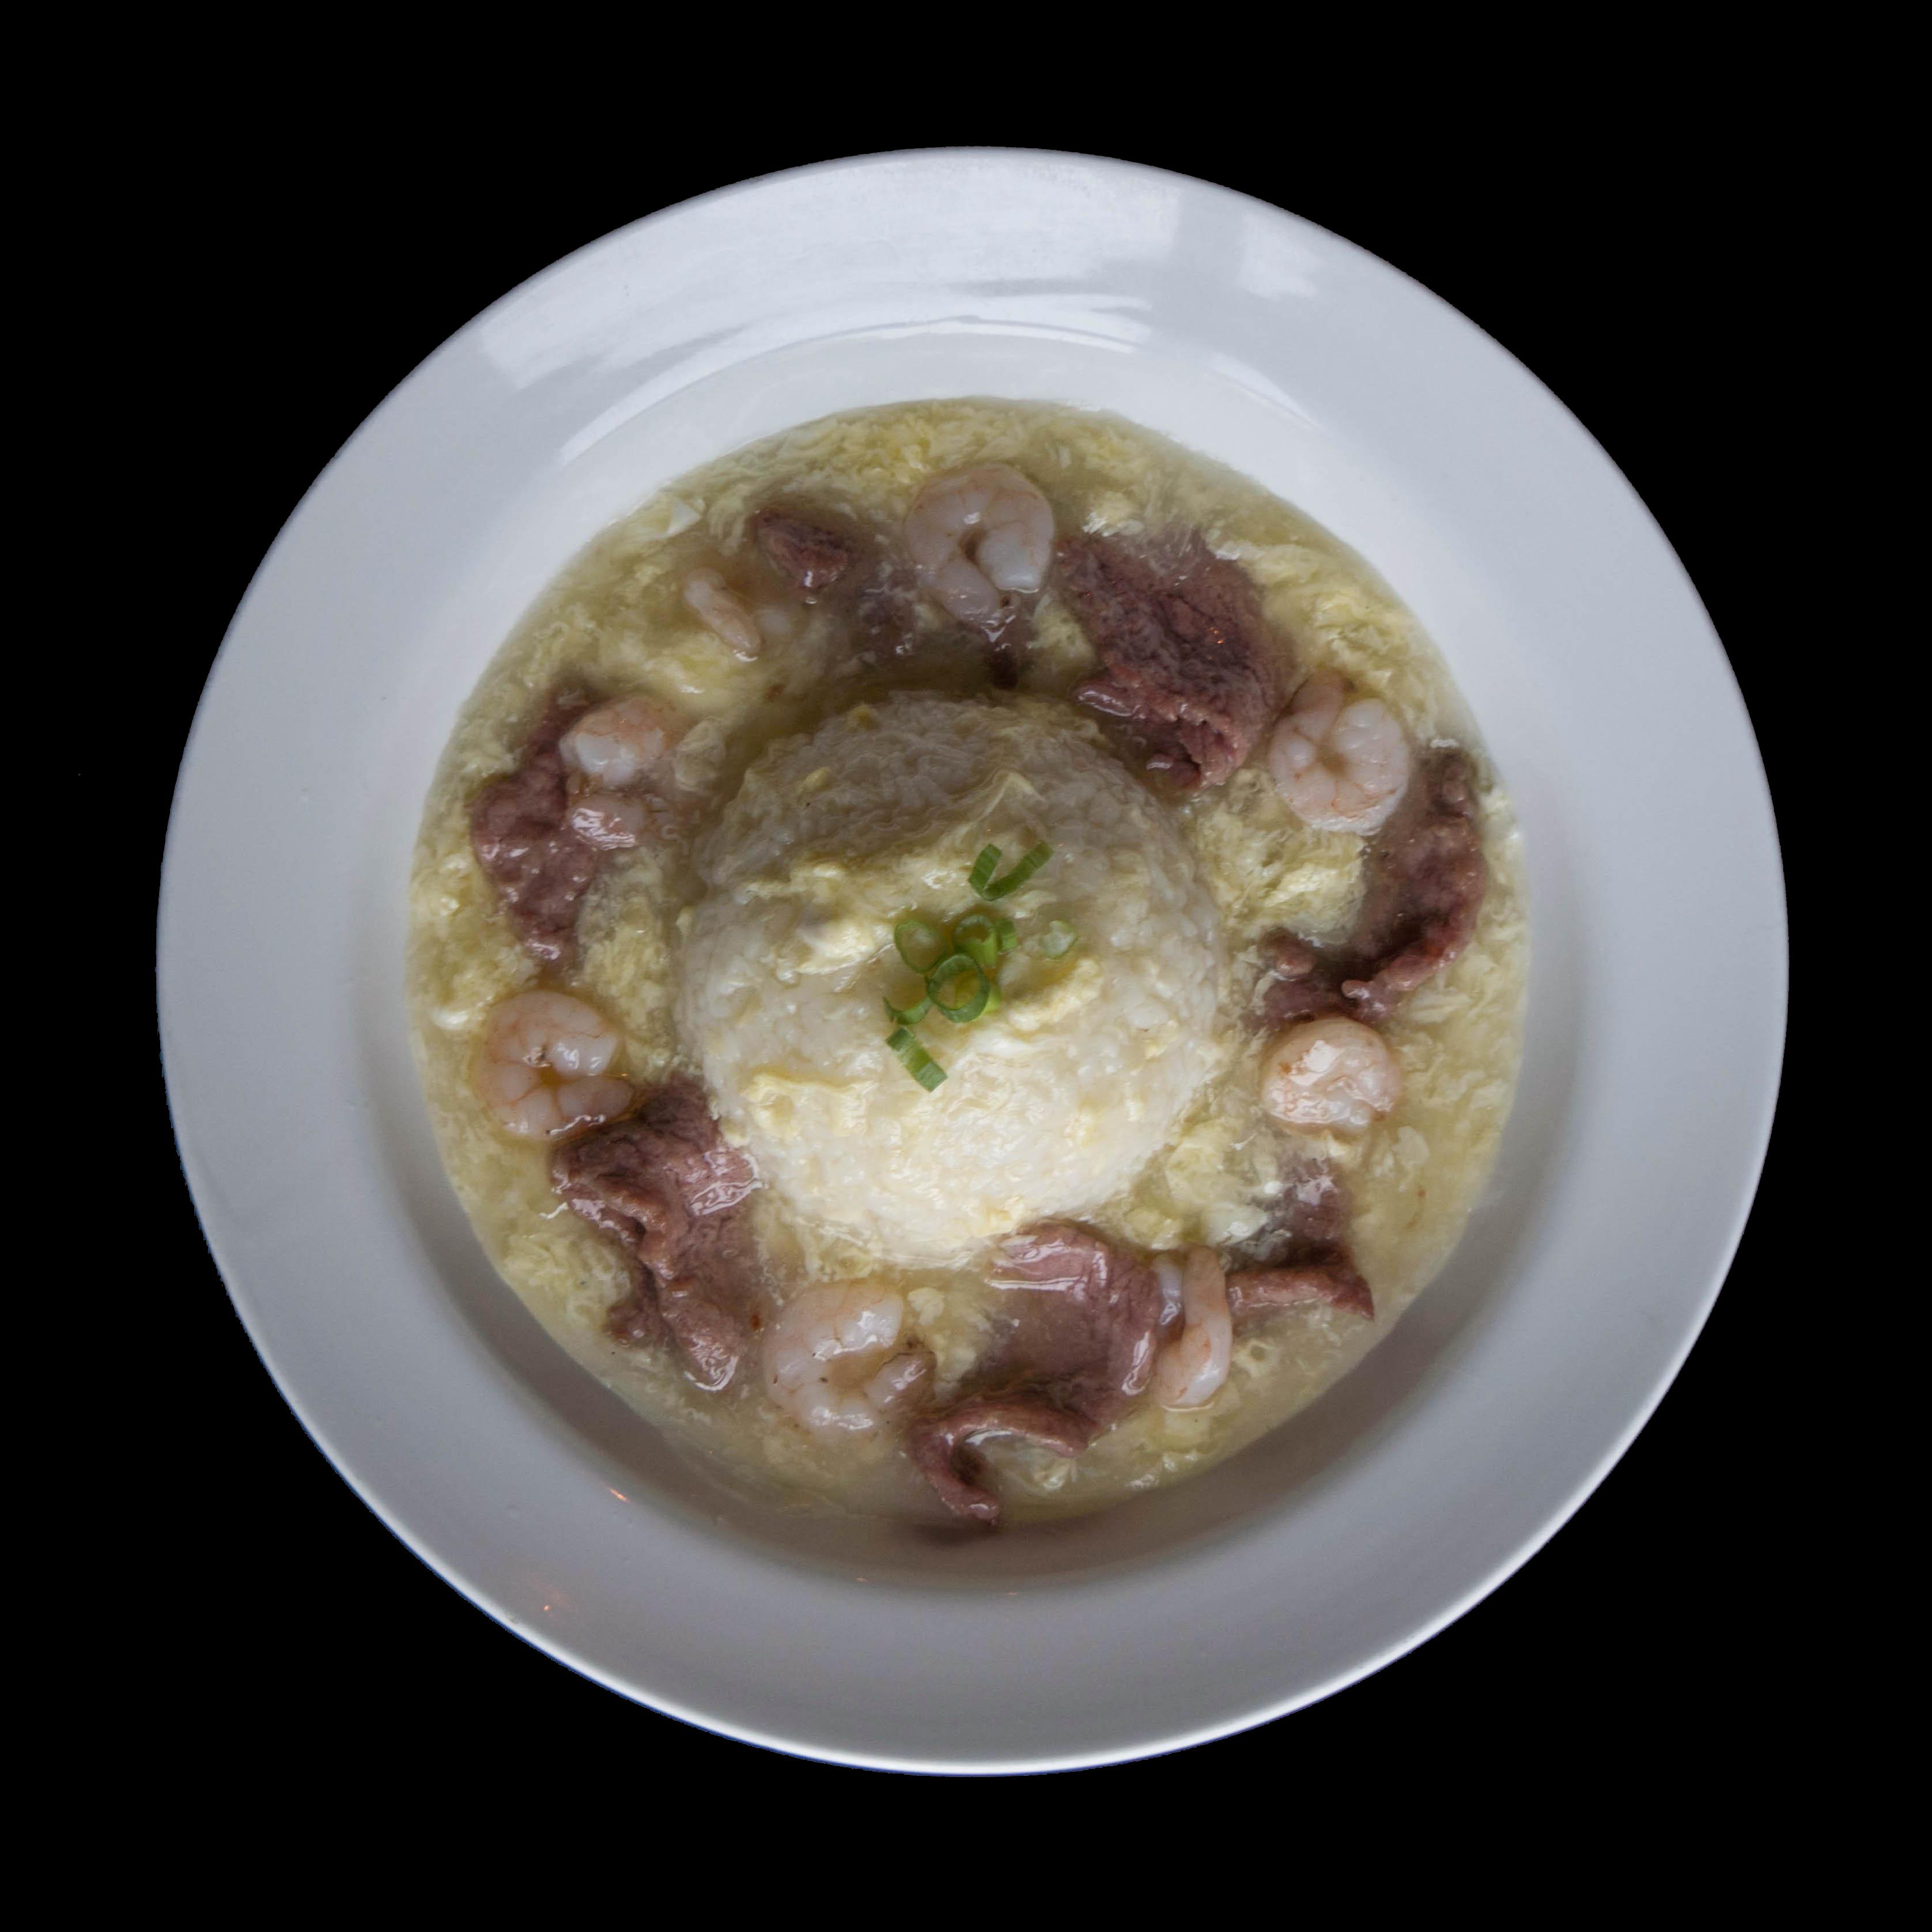 104. 招牌滑蛋烩饭 House Special Combination Scrambled Egg Stew Rice Image